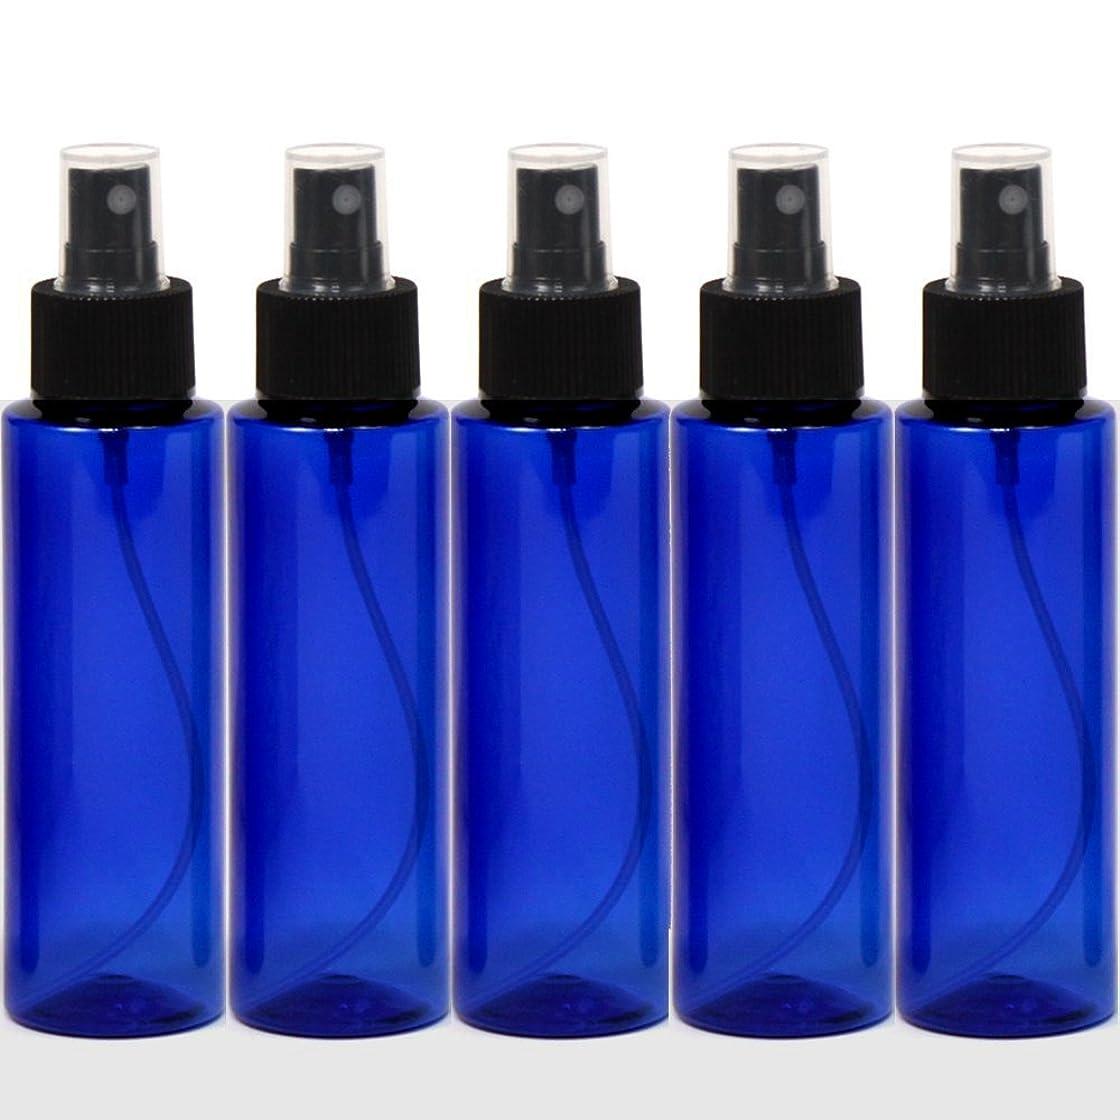 エステートペネロペ時計スプレーボトル50mLブルー黒ヘッド5本ストレートペットボトル遮光性青色おしゃれ容器bu50sbk5